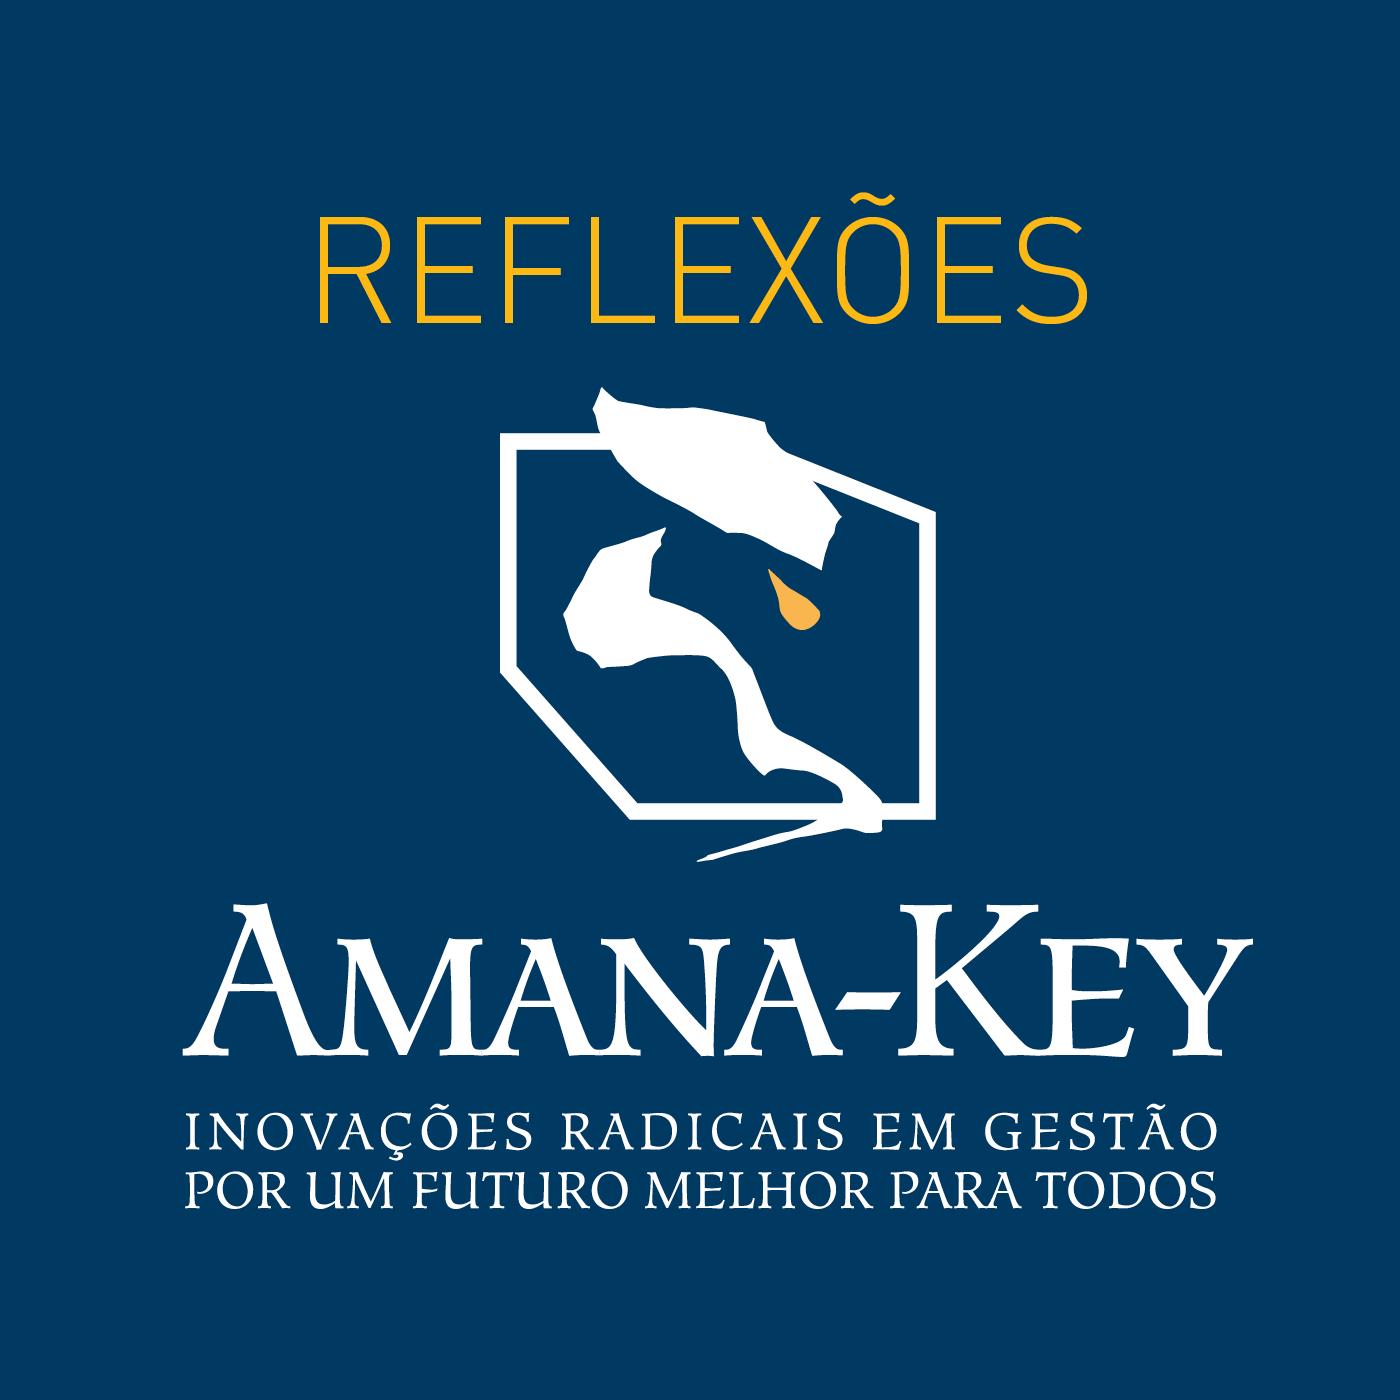 Reflexões Amana-Key